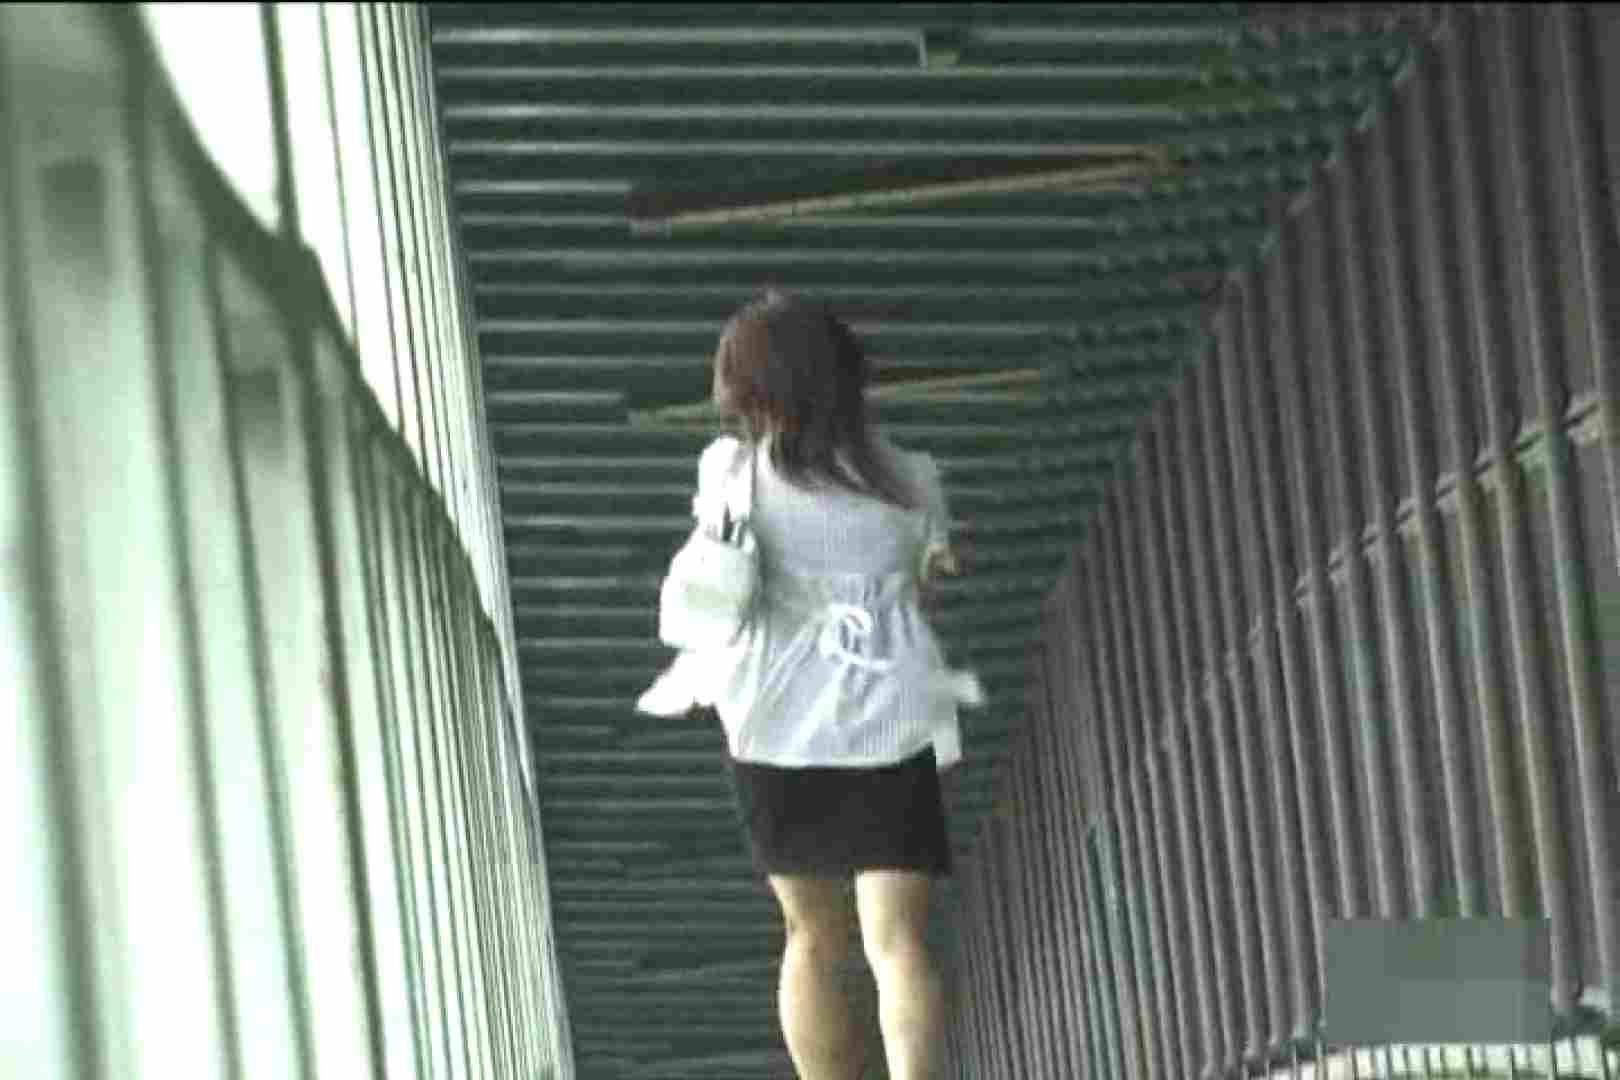 検証!隠し撮りスカートめくり!!Vol.8 ミニスカート 濡れ場動画紹介 99pic 47